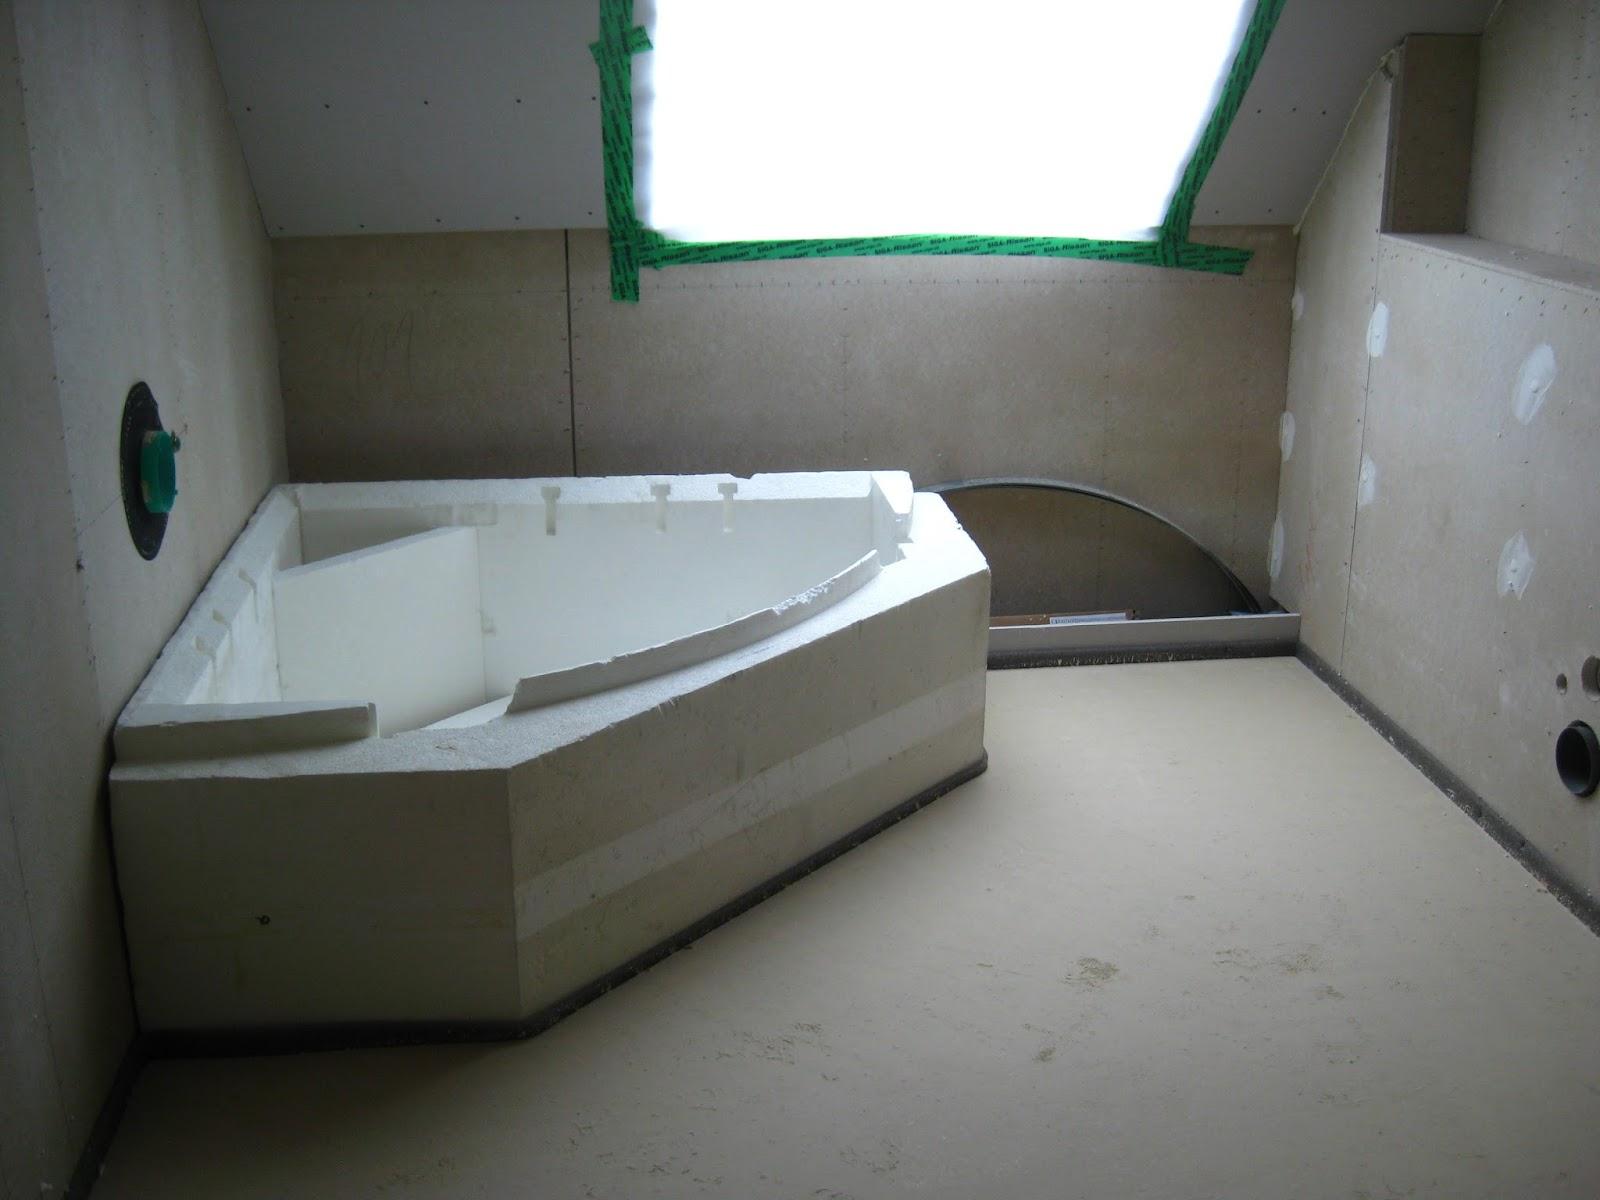 unser traum vom schwabenhaus fu bodenheizung und estrich. Black Bedroom Furniture Sets. Home Design Ideas